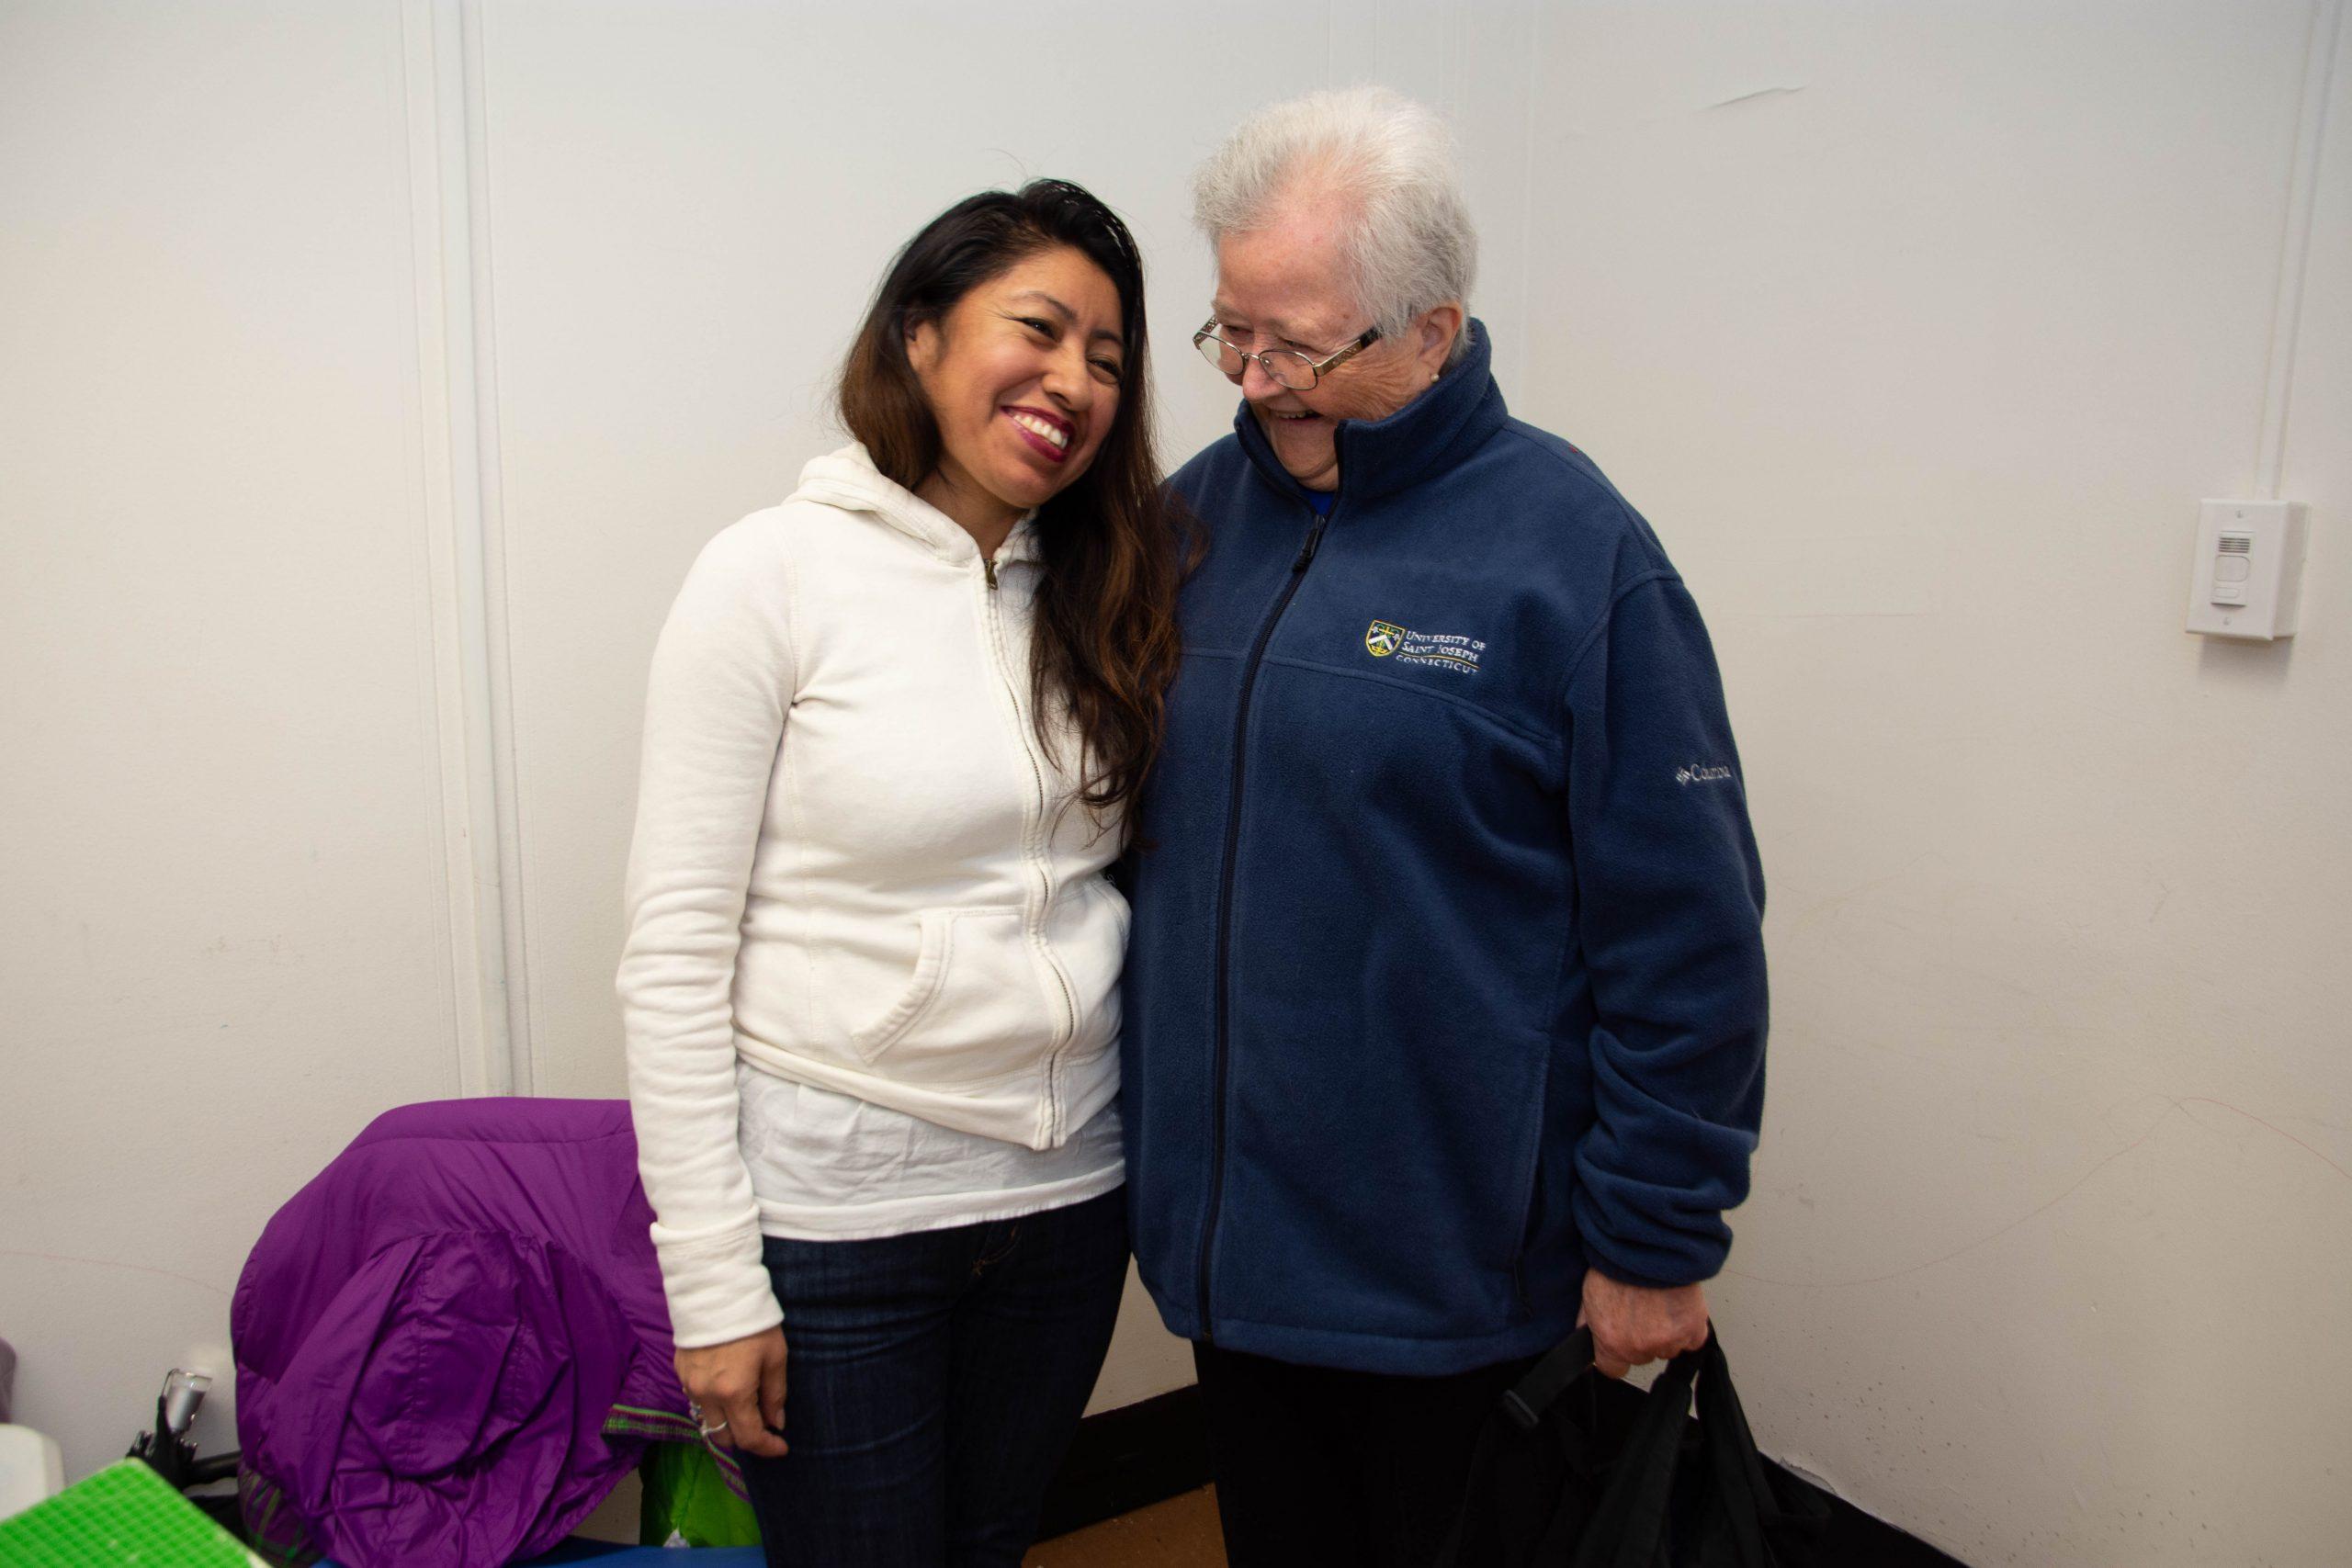 Compartiendo una sonrisa con una alumna. En su perfil de la Mesa Directiva del CREA, la Hermana Suzanne, de 82 años, llama a su ministerio con la población de East Harlem «la más preciosa parte de su vida». También señala que sus pasiones no solo incluyen la inmigración, el cambio climático y el racismo, sino también «cualquier espacio en el que haya injusticia, odio y devastación, cualquier espacio en el que las familias no puedan vivir su vida». En 2018, la Hermana organizó un evento de recaudación de fondos con motivo de sus 80 años y está muy agradecida con el apoyo financiero proporcionado al CREA por el Fondo del Ministerio de Noreste de las Hermanas de la Misericordia. (Foto de Catherine Walsh)